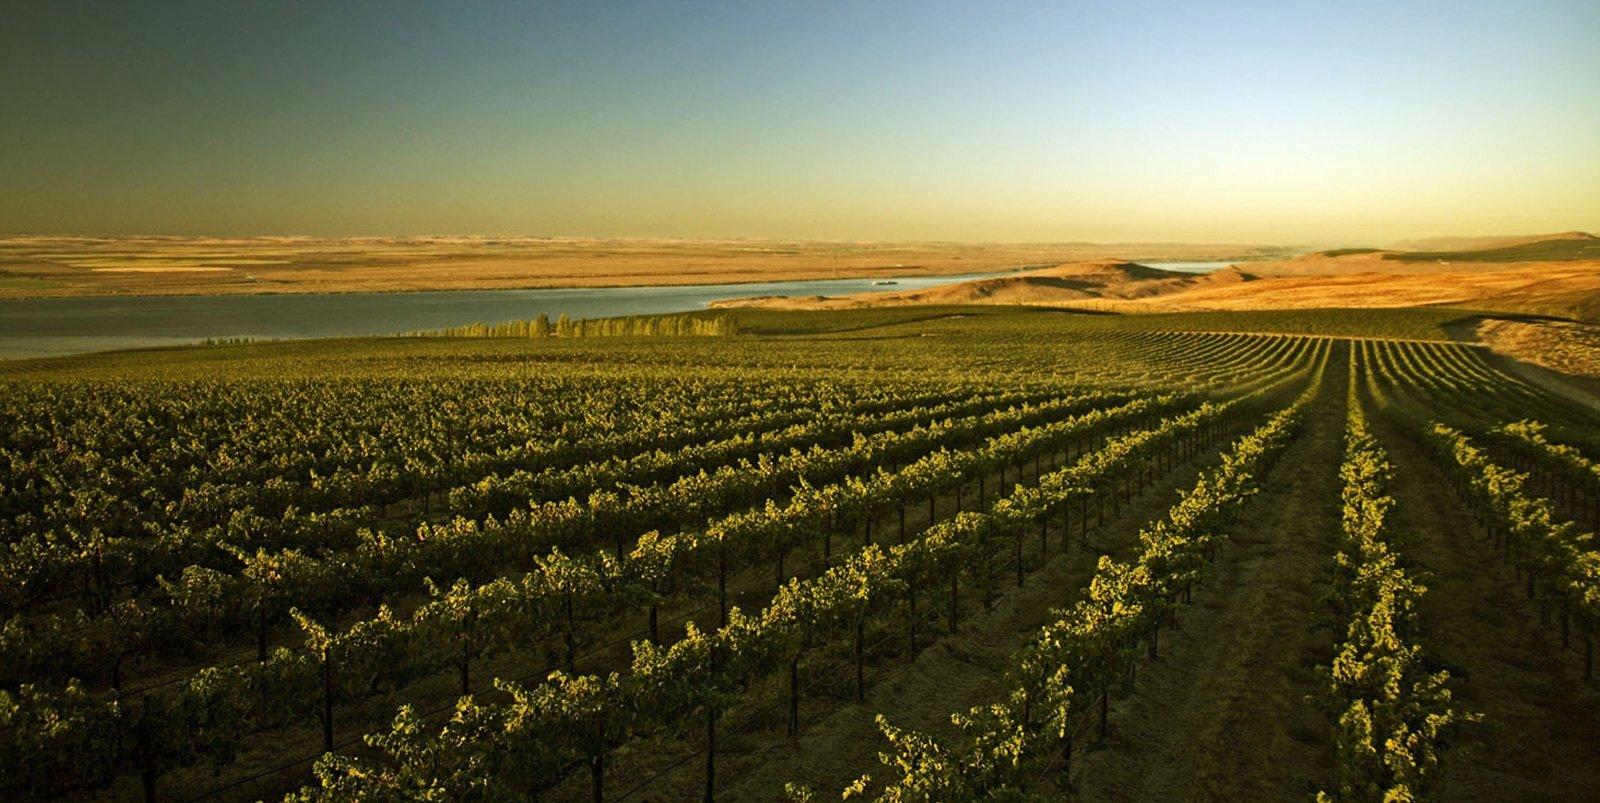 Chauffeured Winery Day Trips Mornington Peninsula